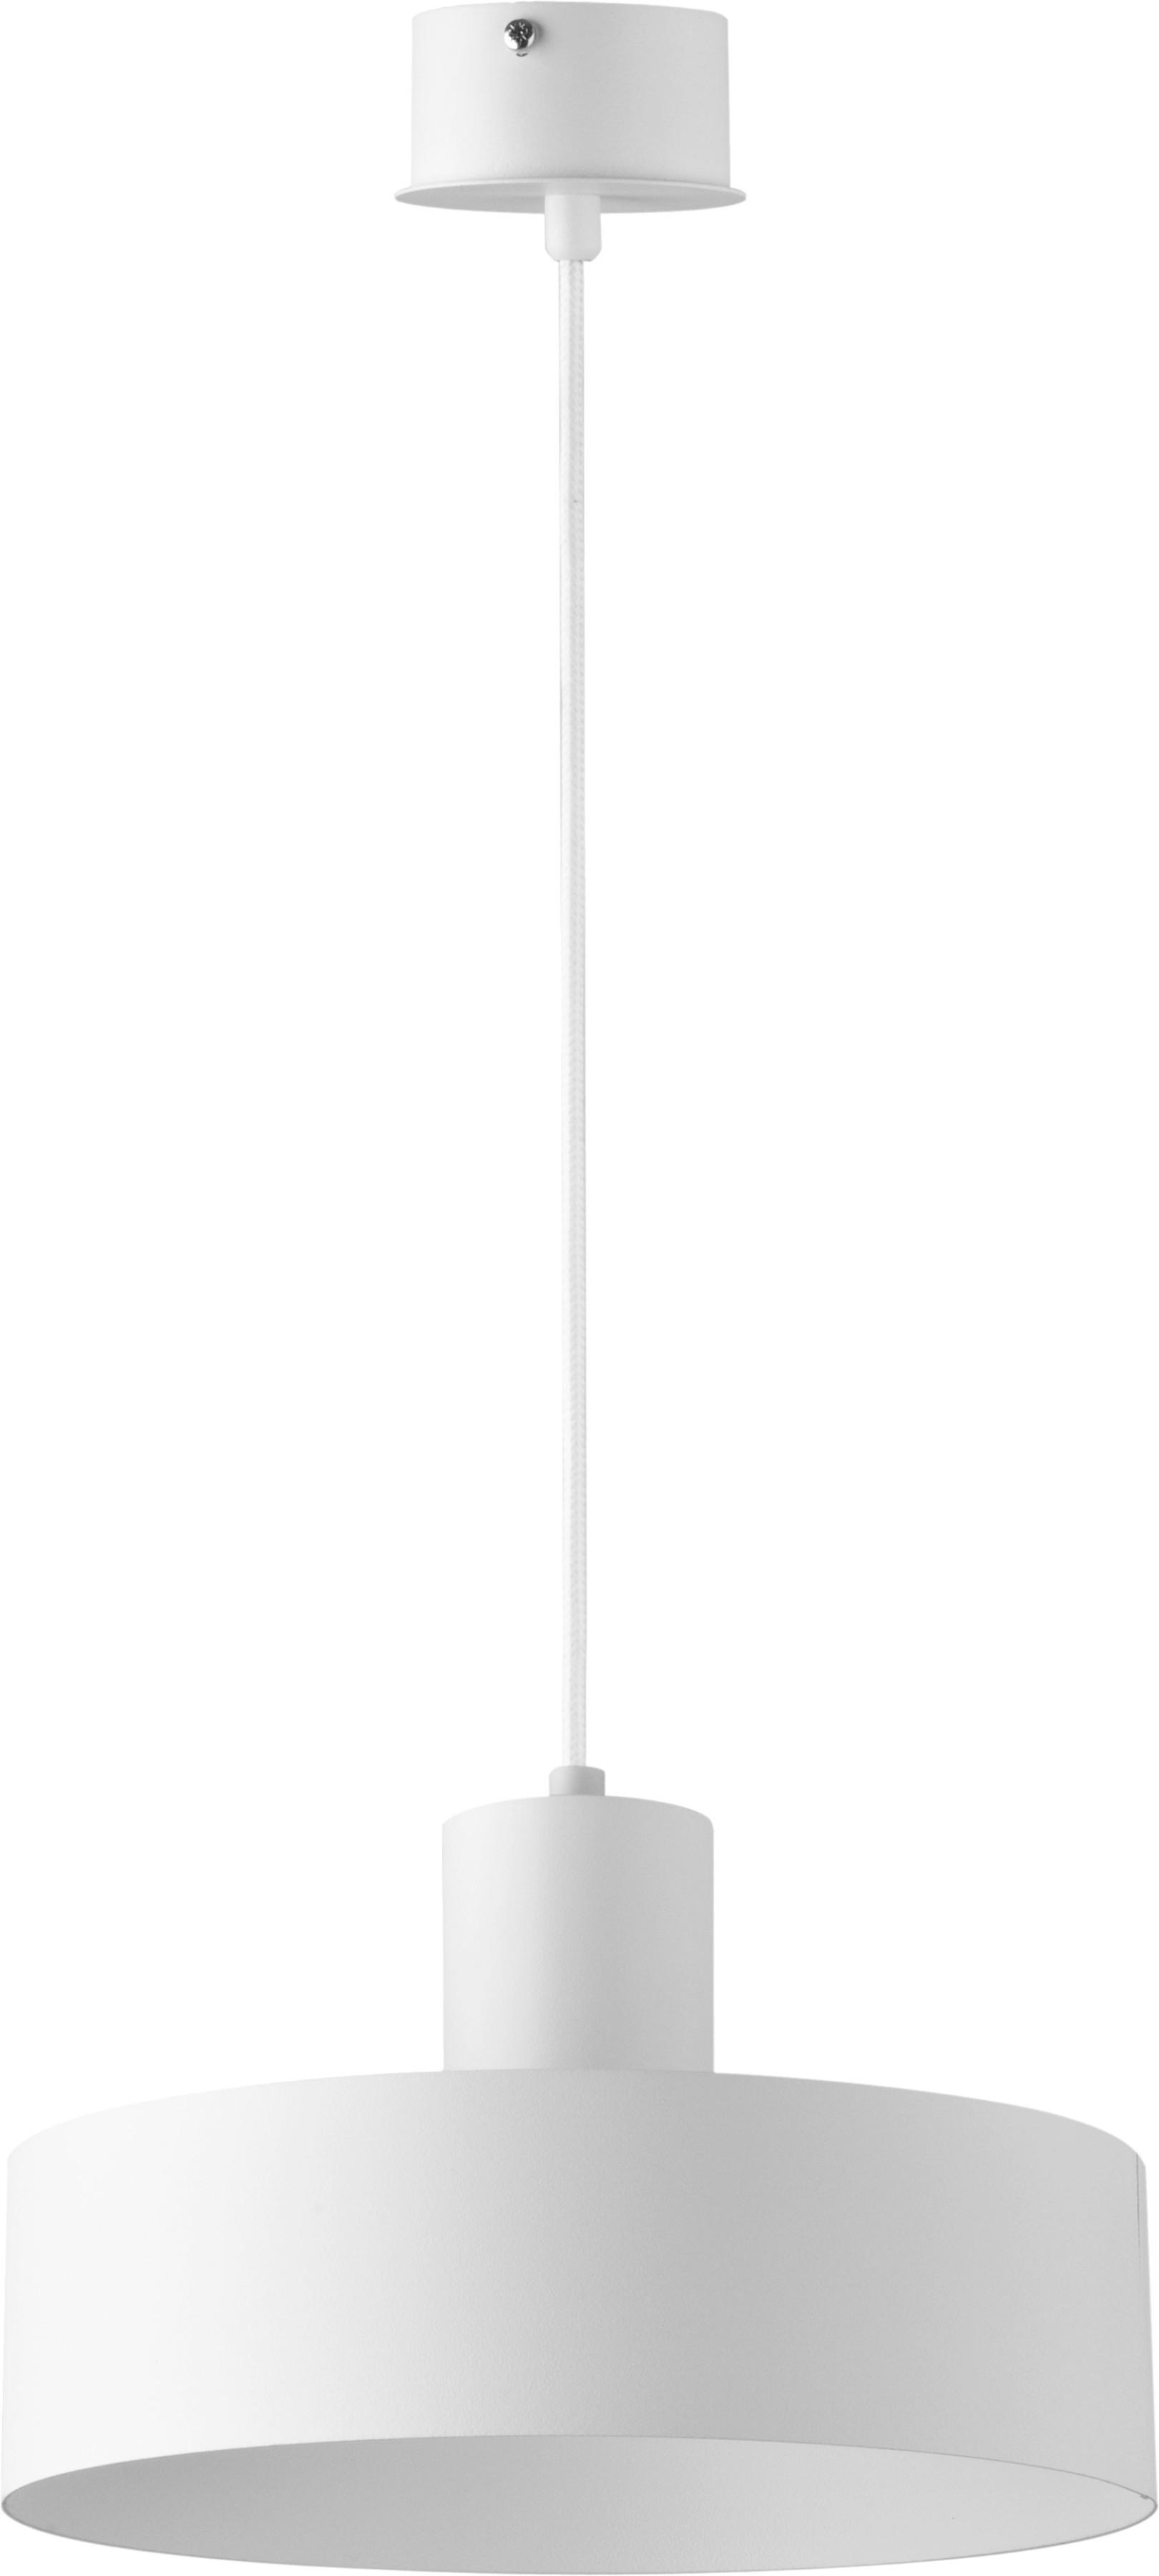 Lampa wisząca Rif 1 M biała 30902 - Sigma Do -17% rabatu w koszyku i darmowa dostawa od 299zł !